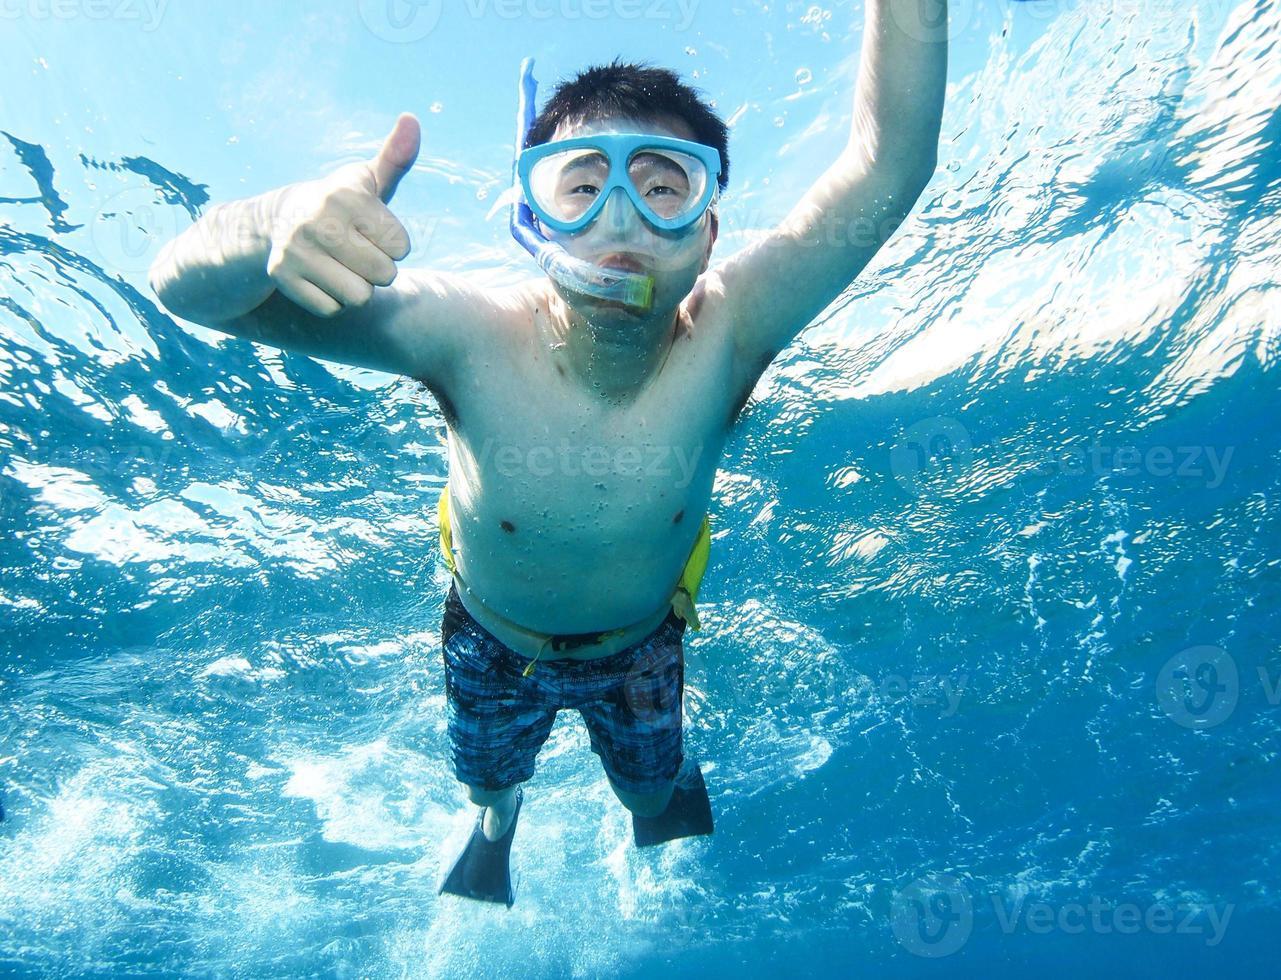 Daumen hoch unter Wasser foto